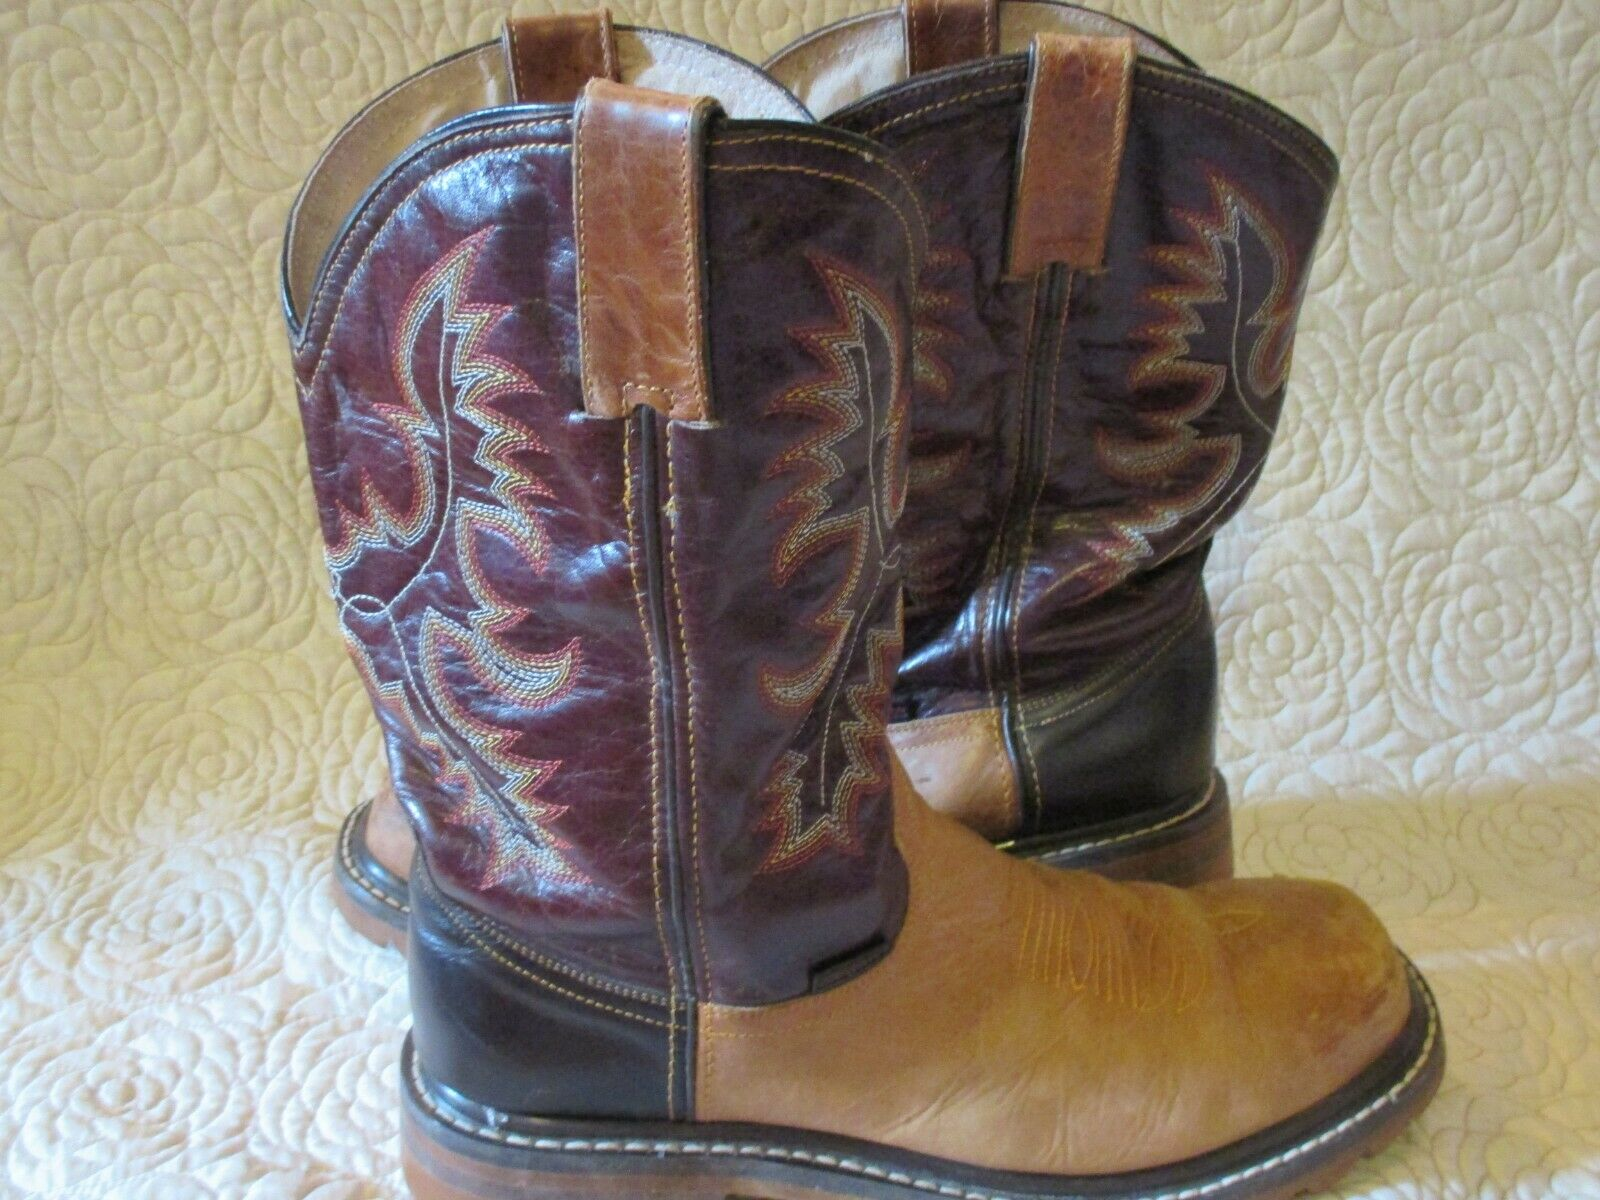 INNOVATION botas de vaquero occidental de cuero